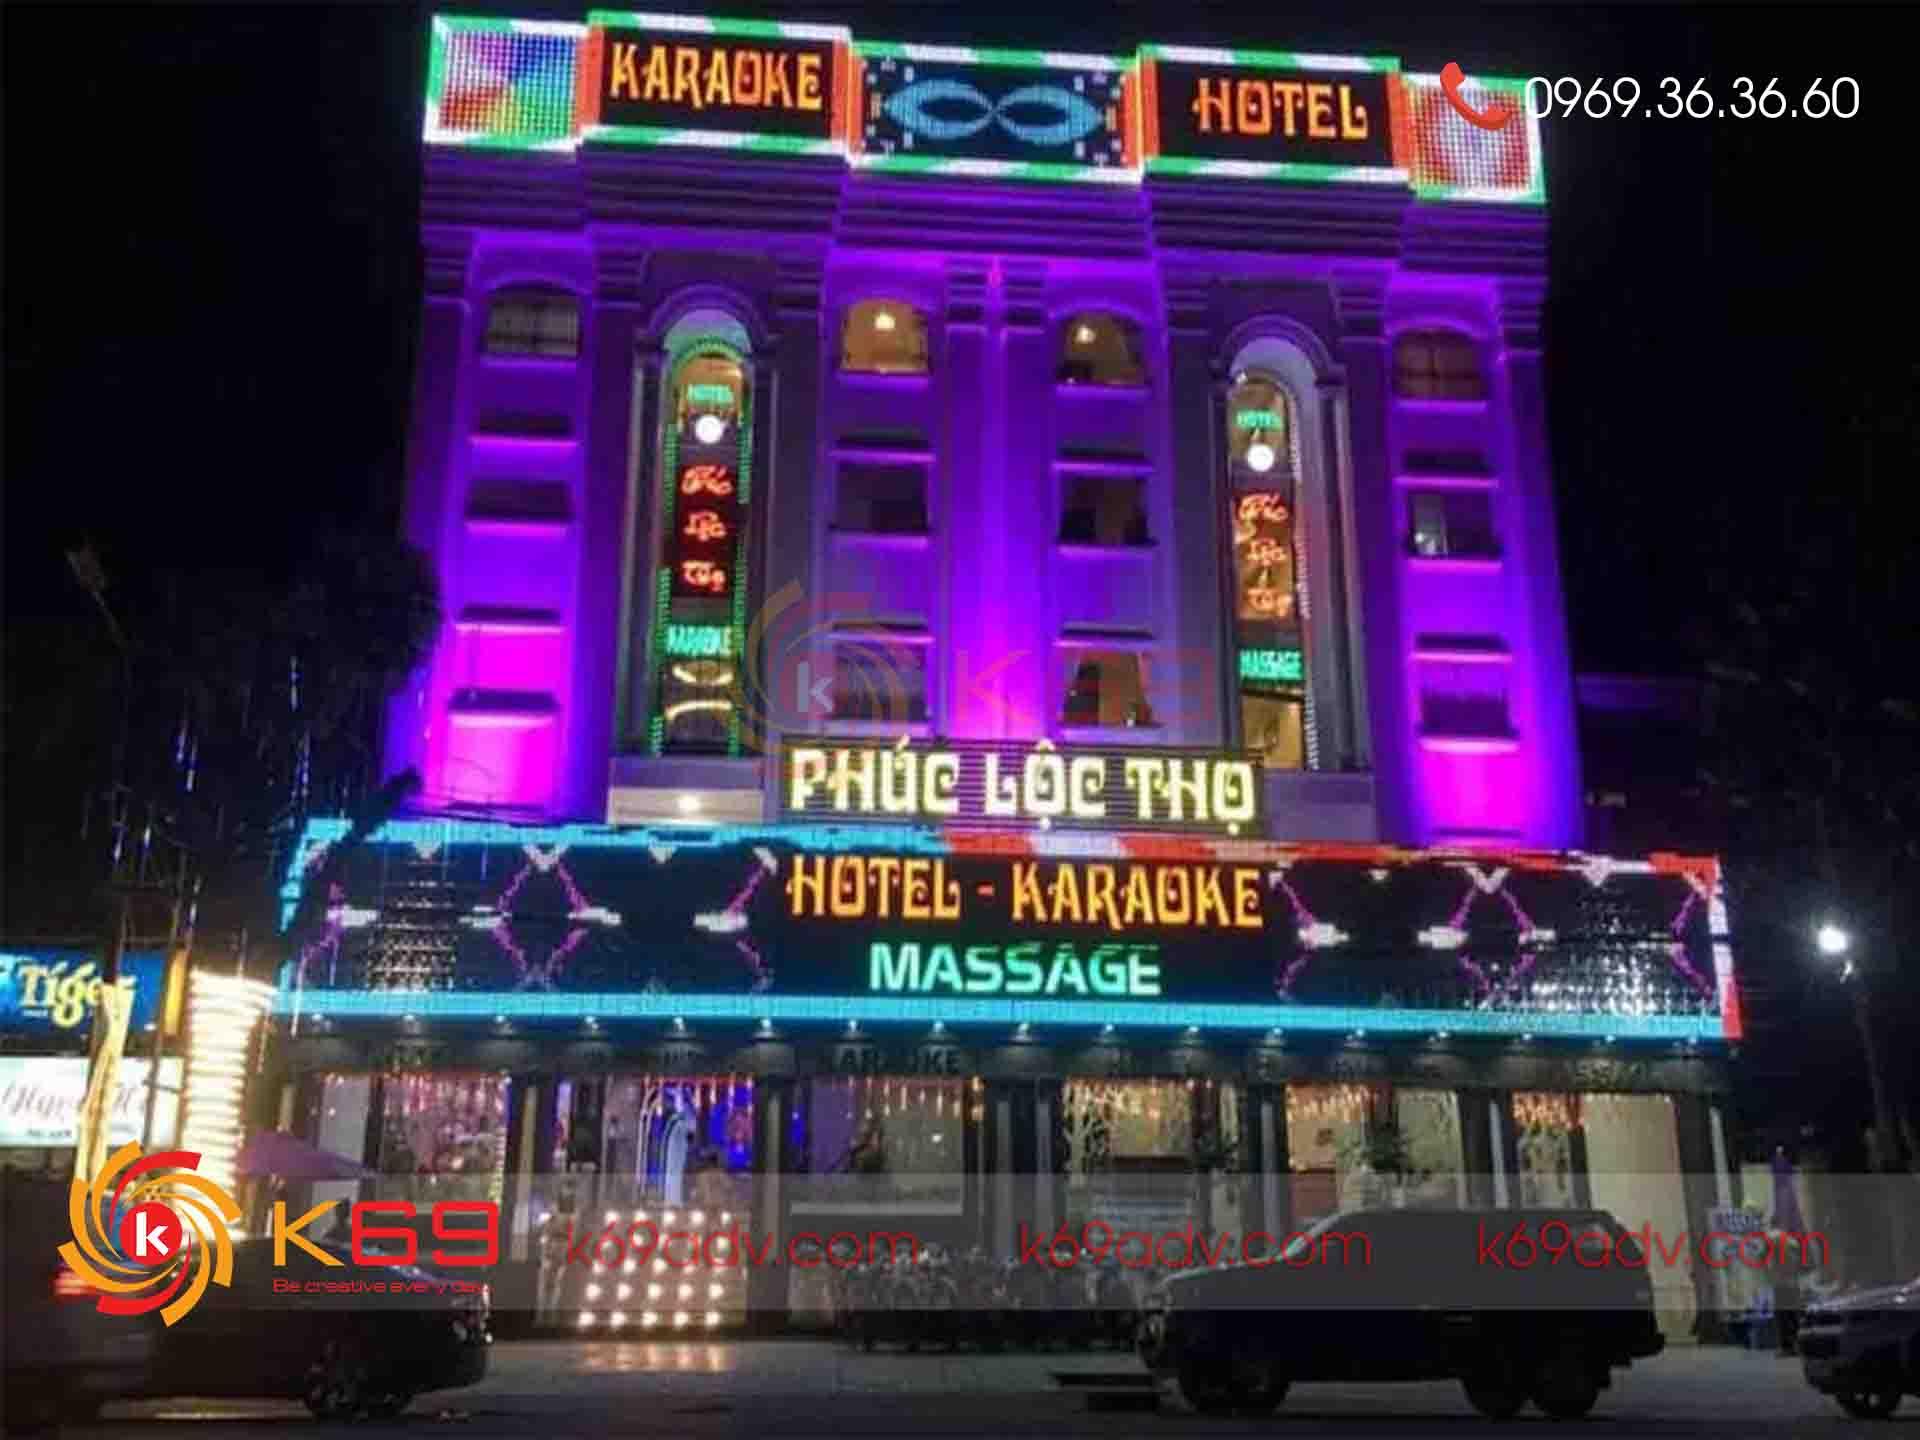 Thi công biển quảng cáo đèn LED cho quán Karaoke tại Cheapadv247